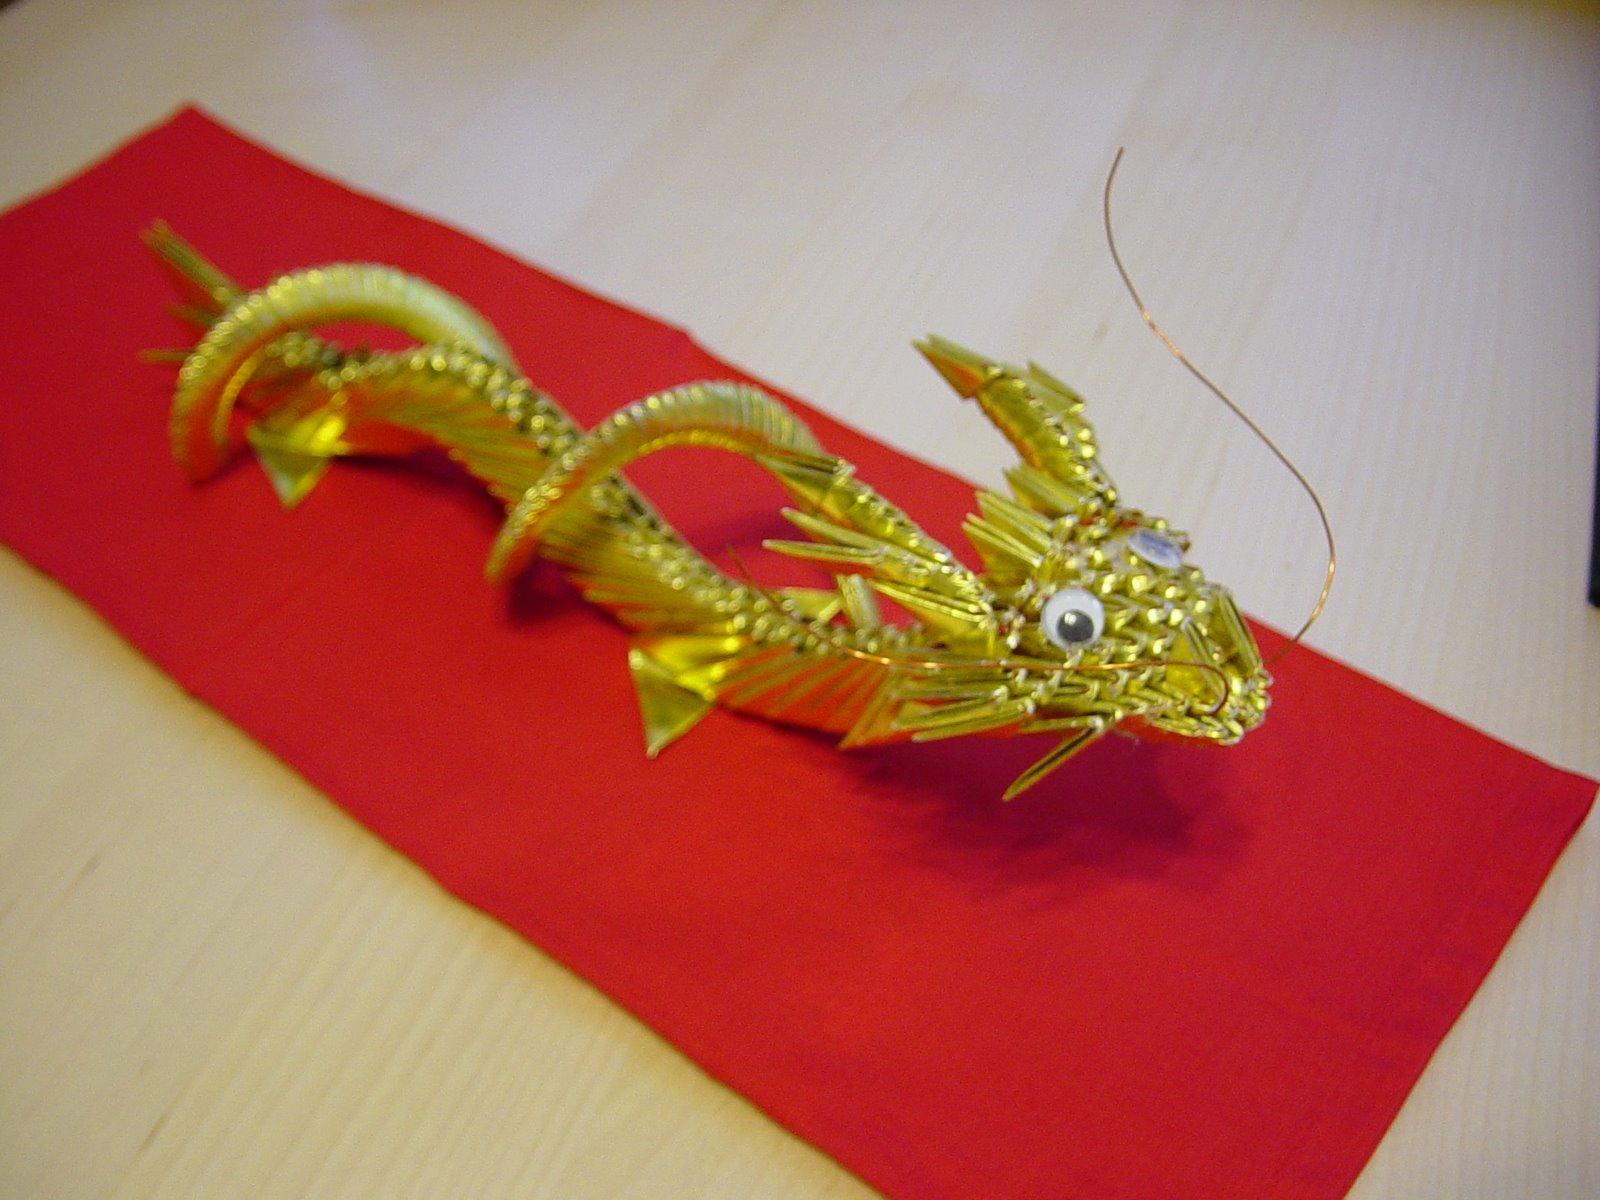 3d Scanner Image: 3d Origami Dragon